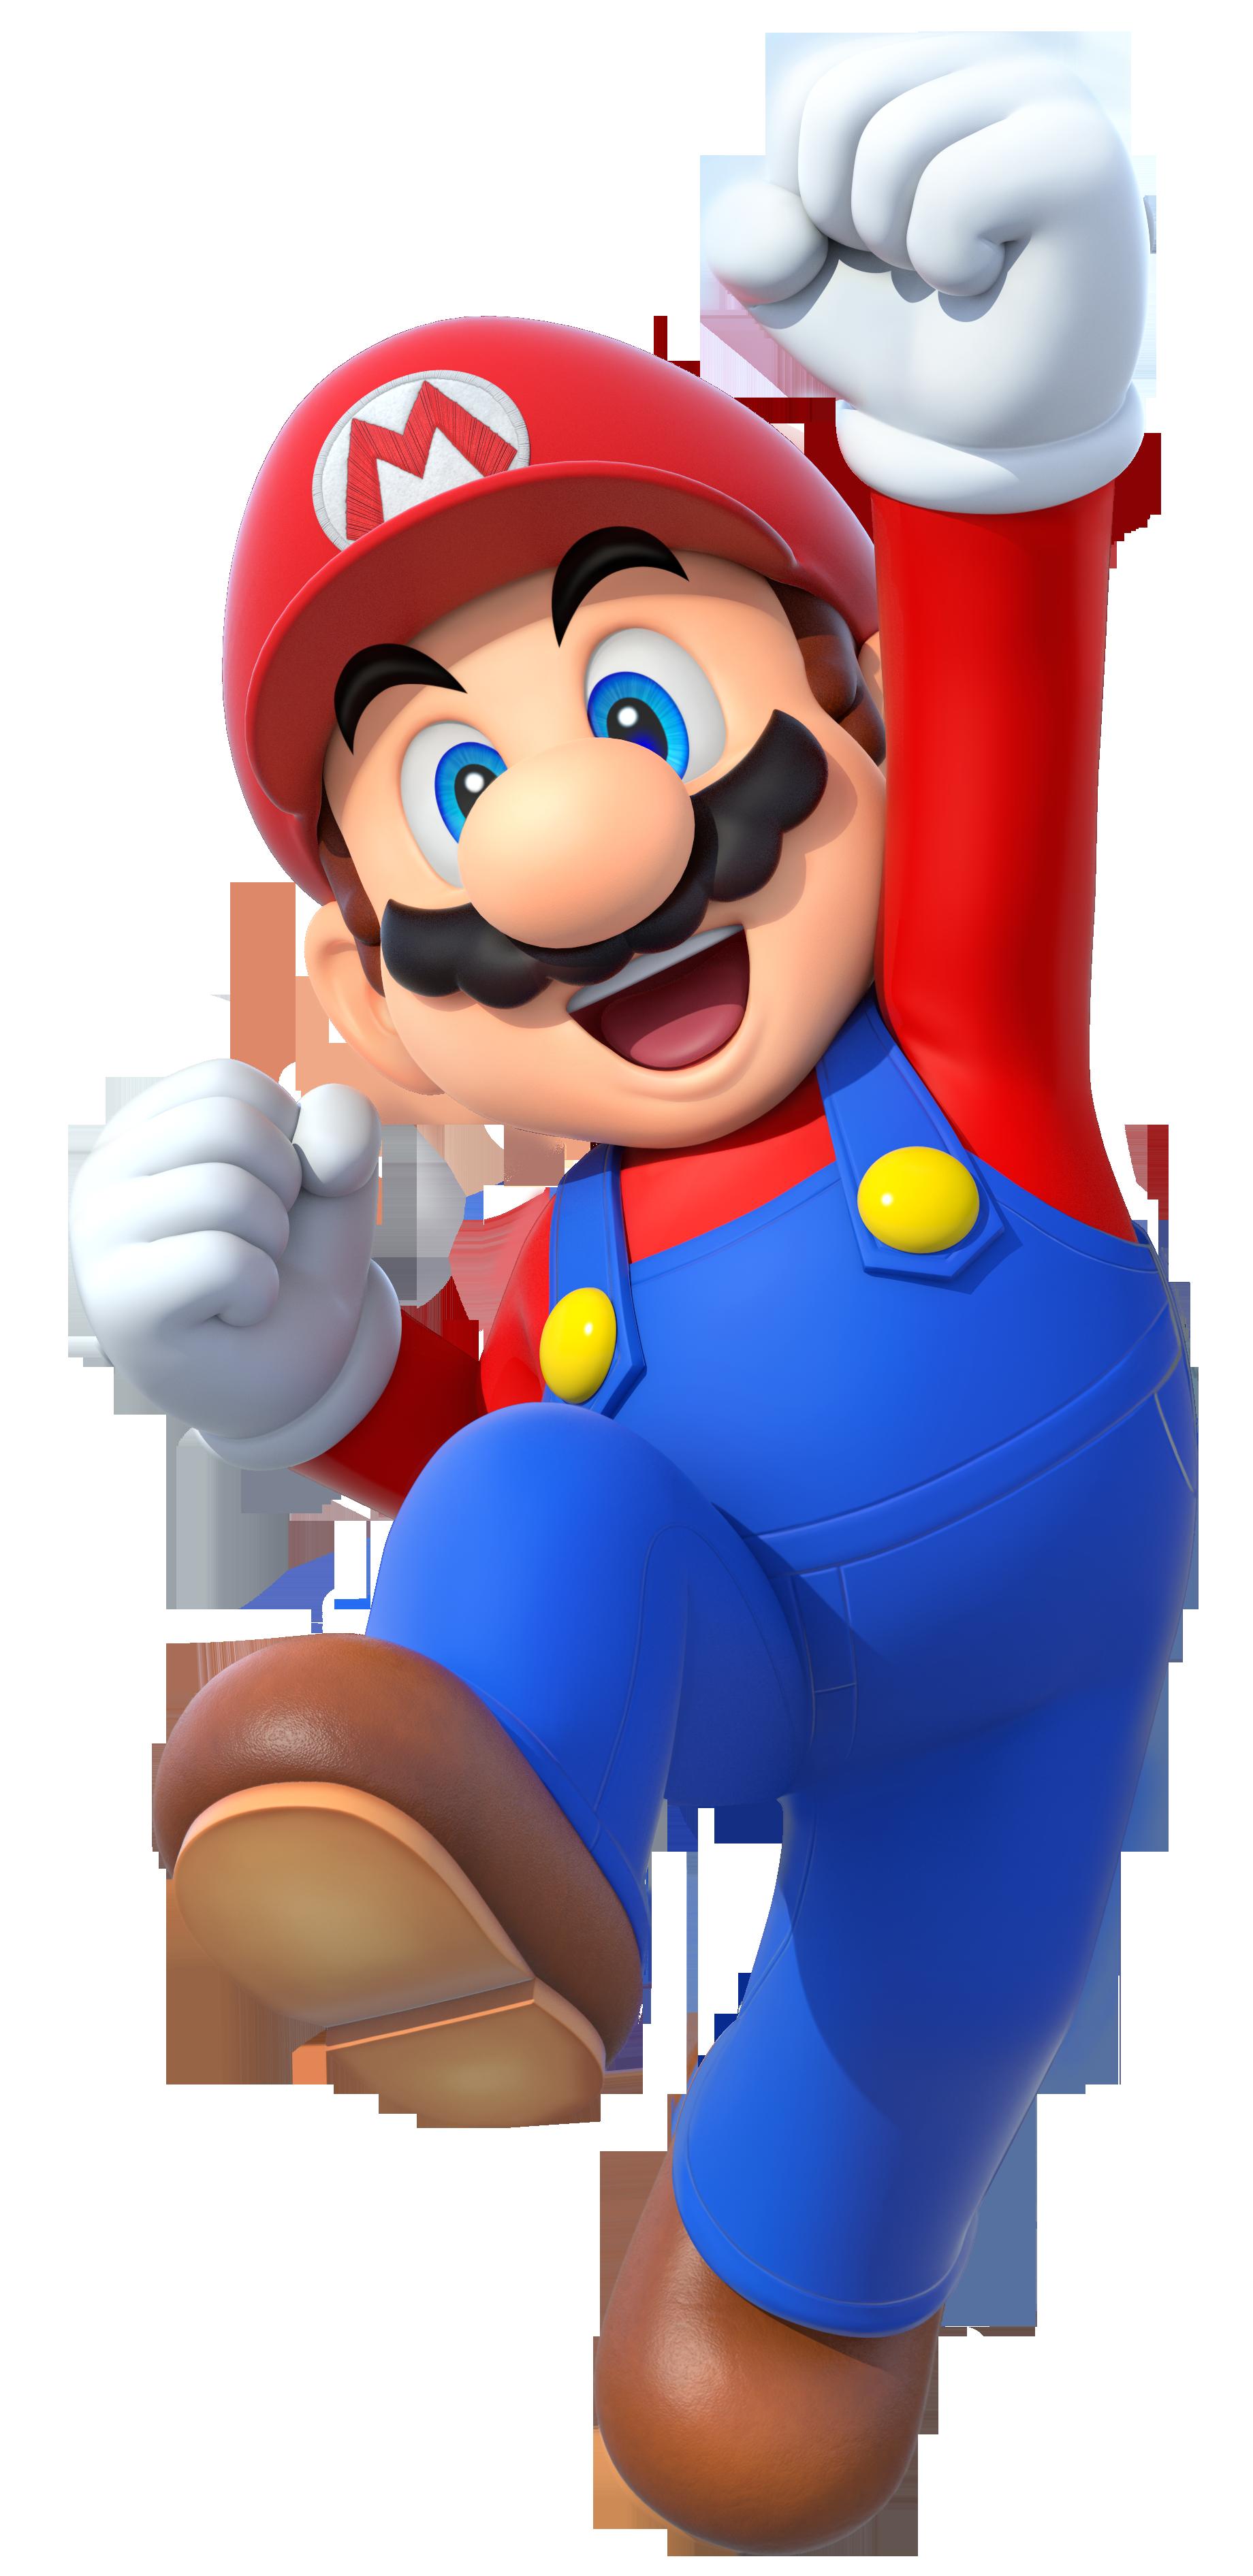 Mario super mario.png - Super Mario PNG